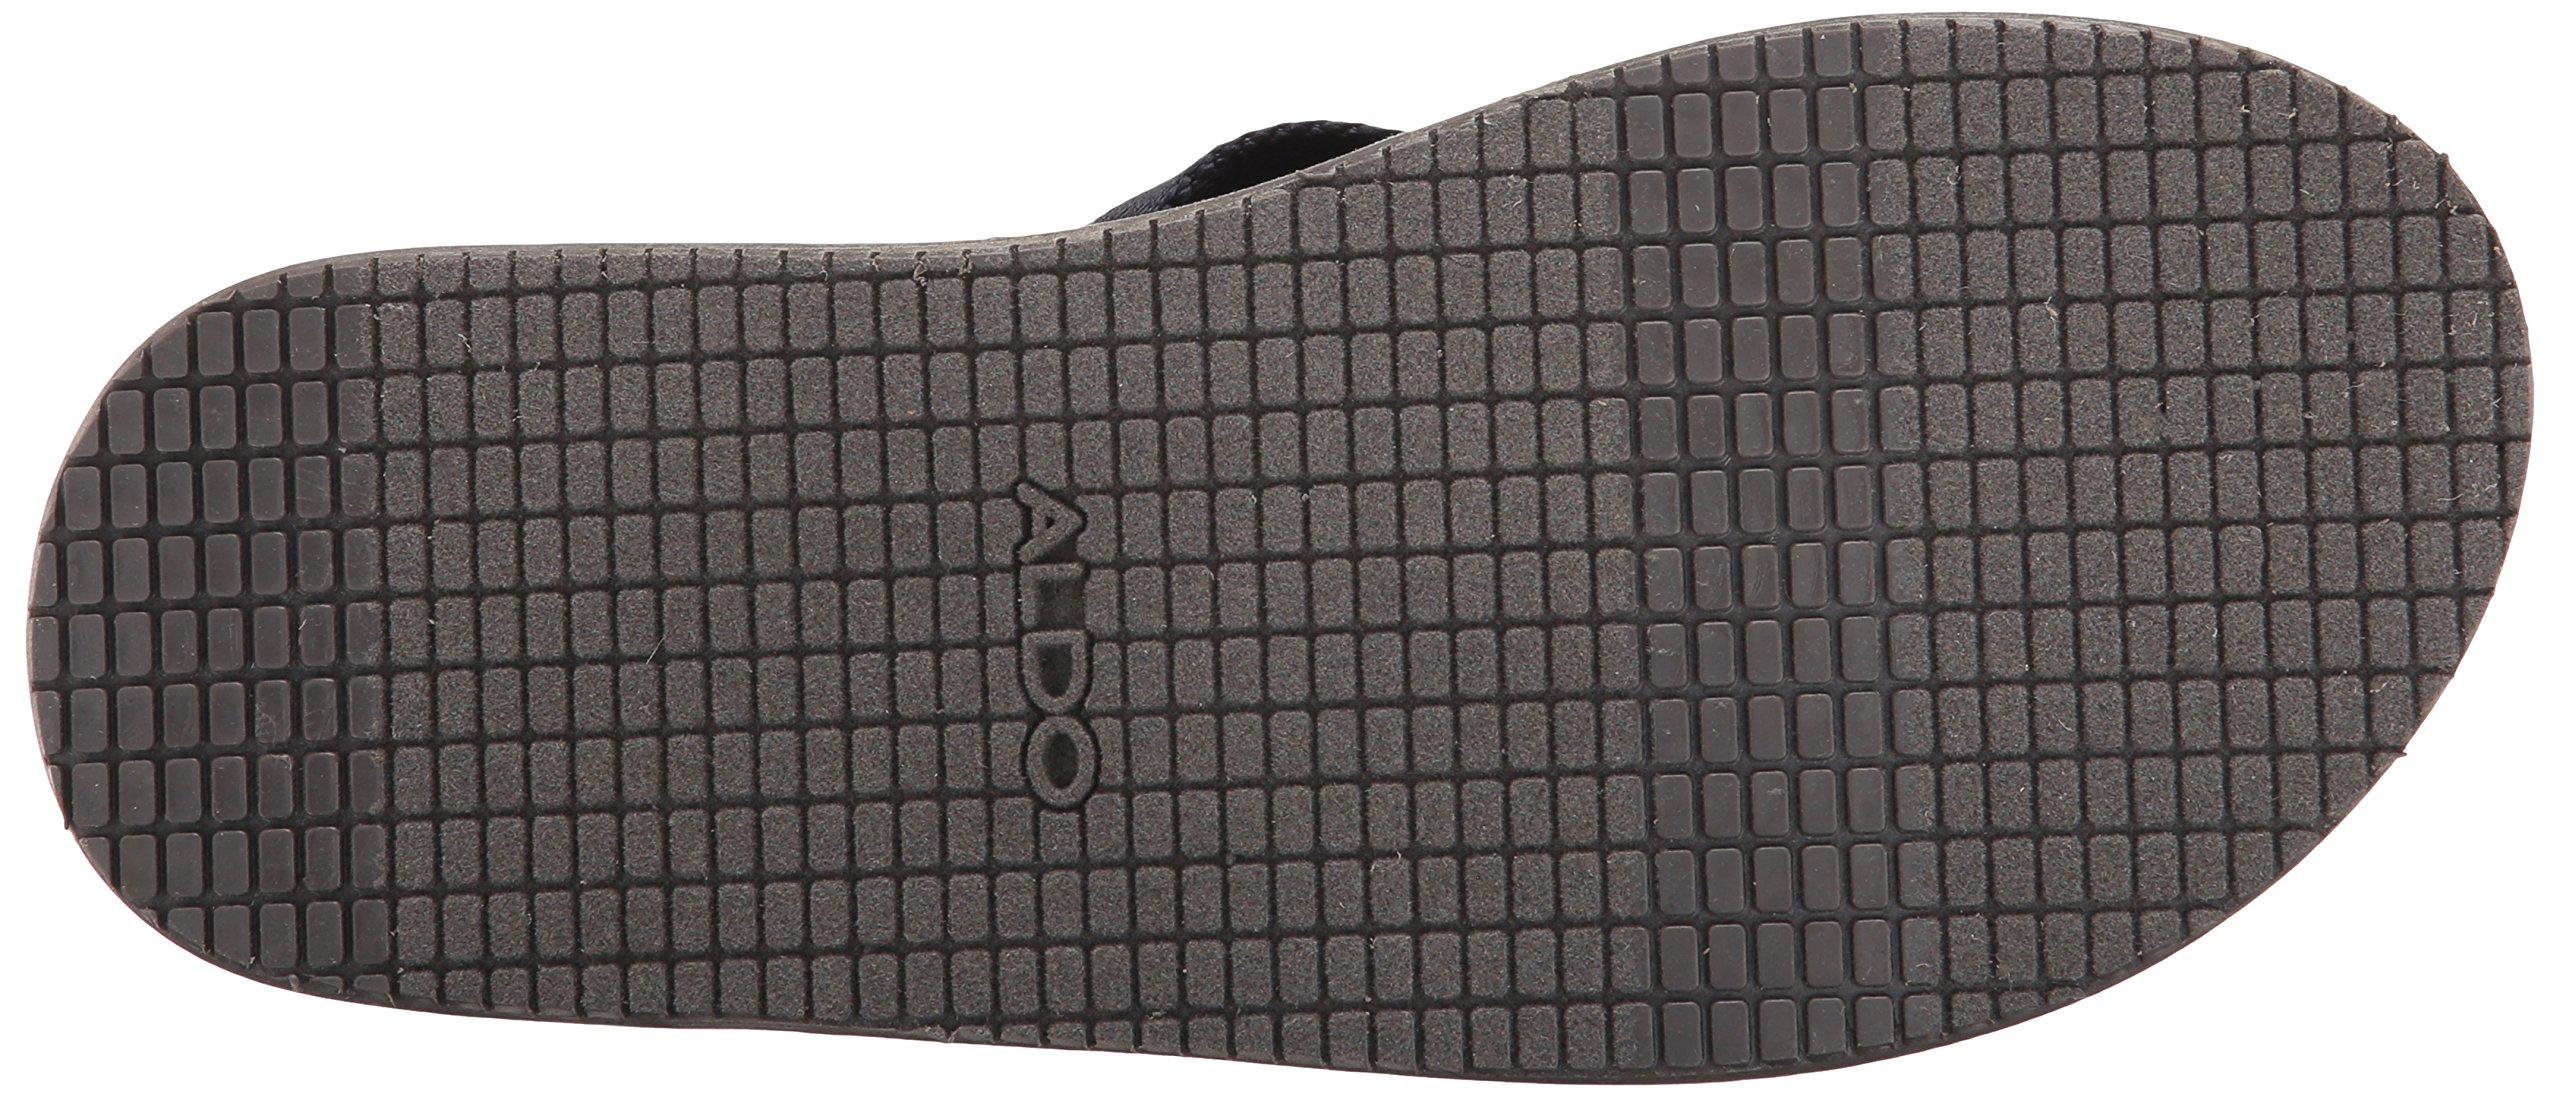 ALDO Men's Bortnick Flip Flop, Navy, 10.5 D US by ALDO (Image #3)